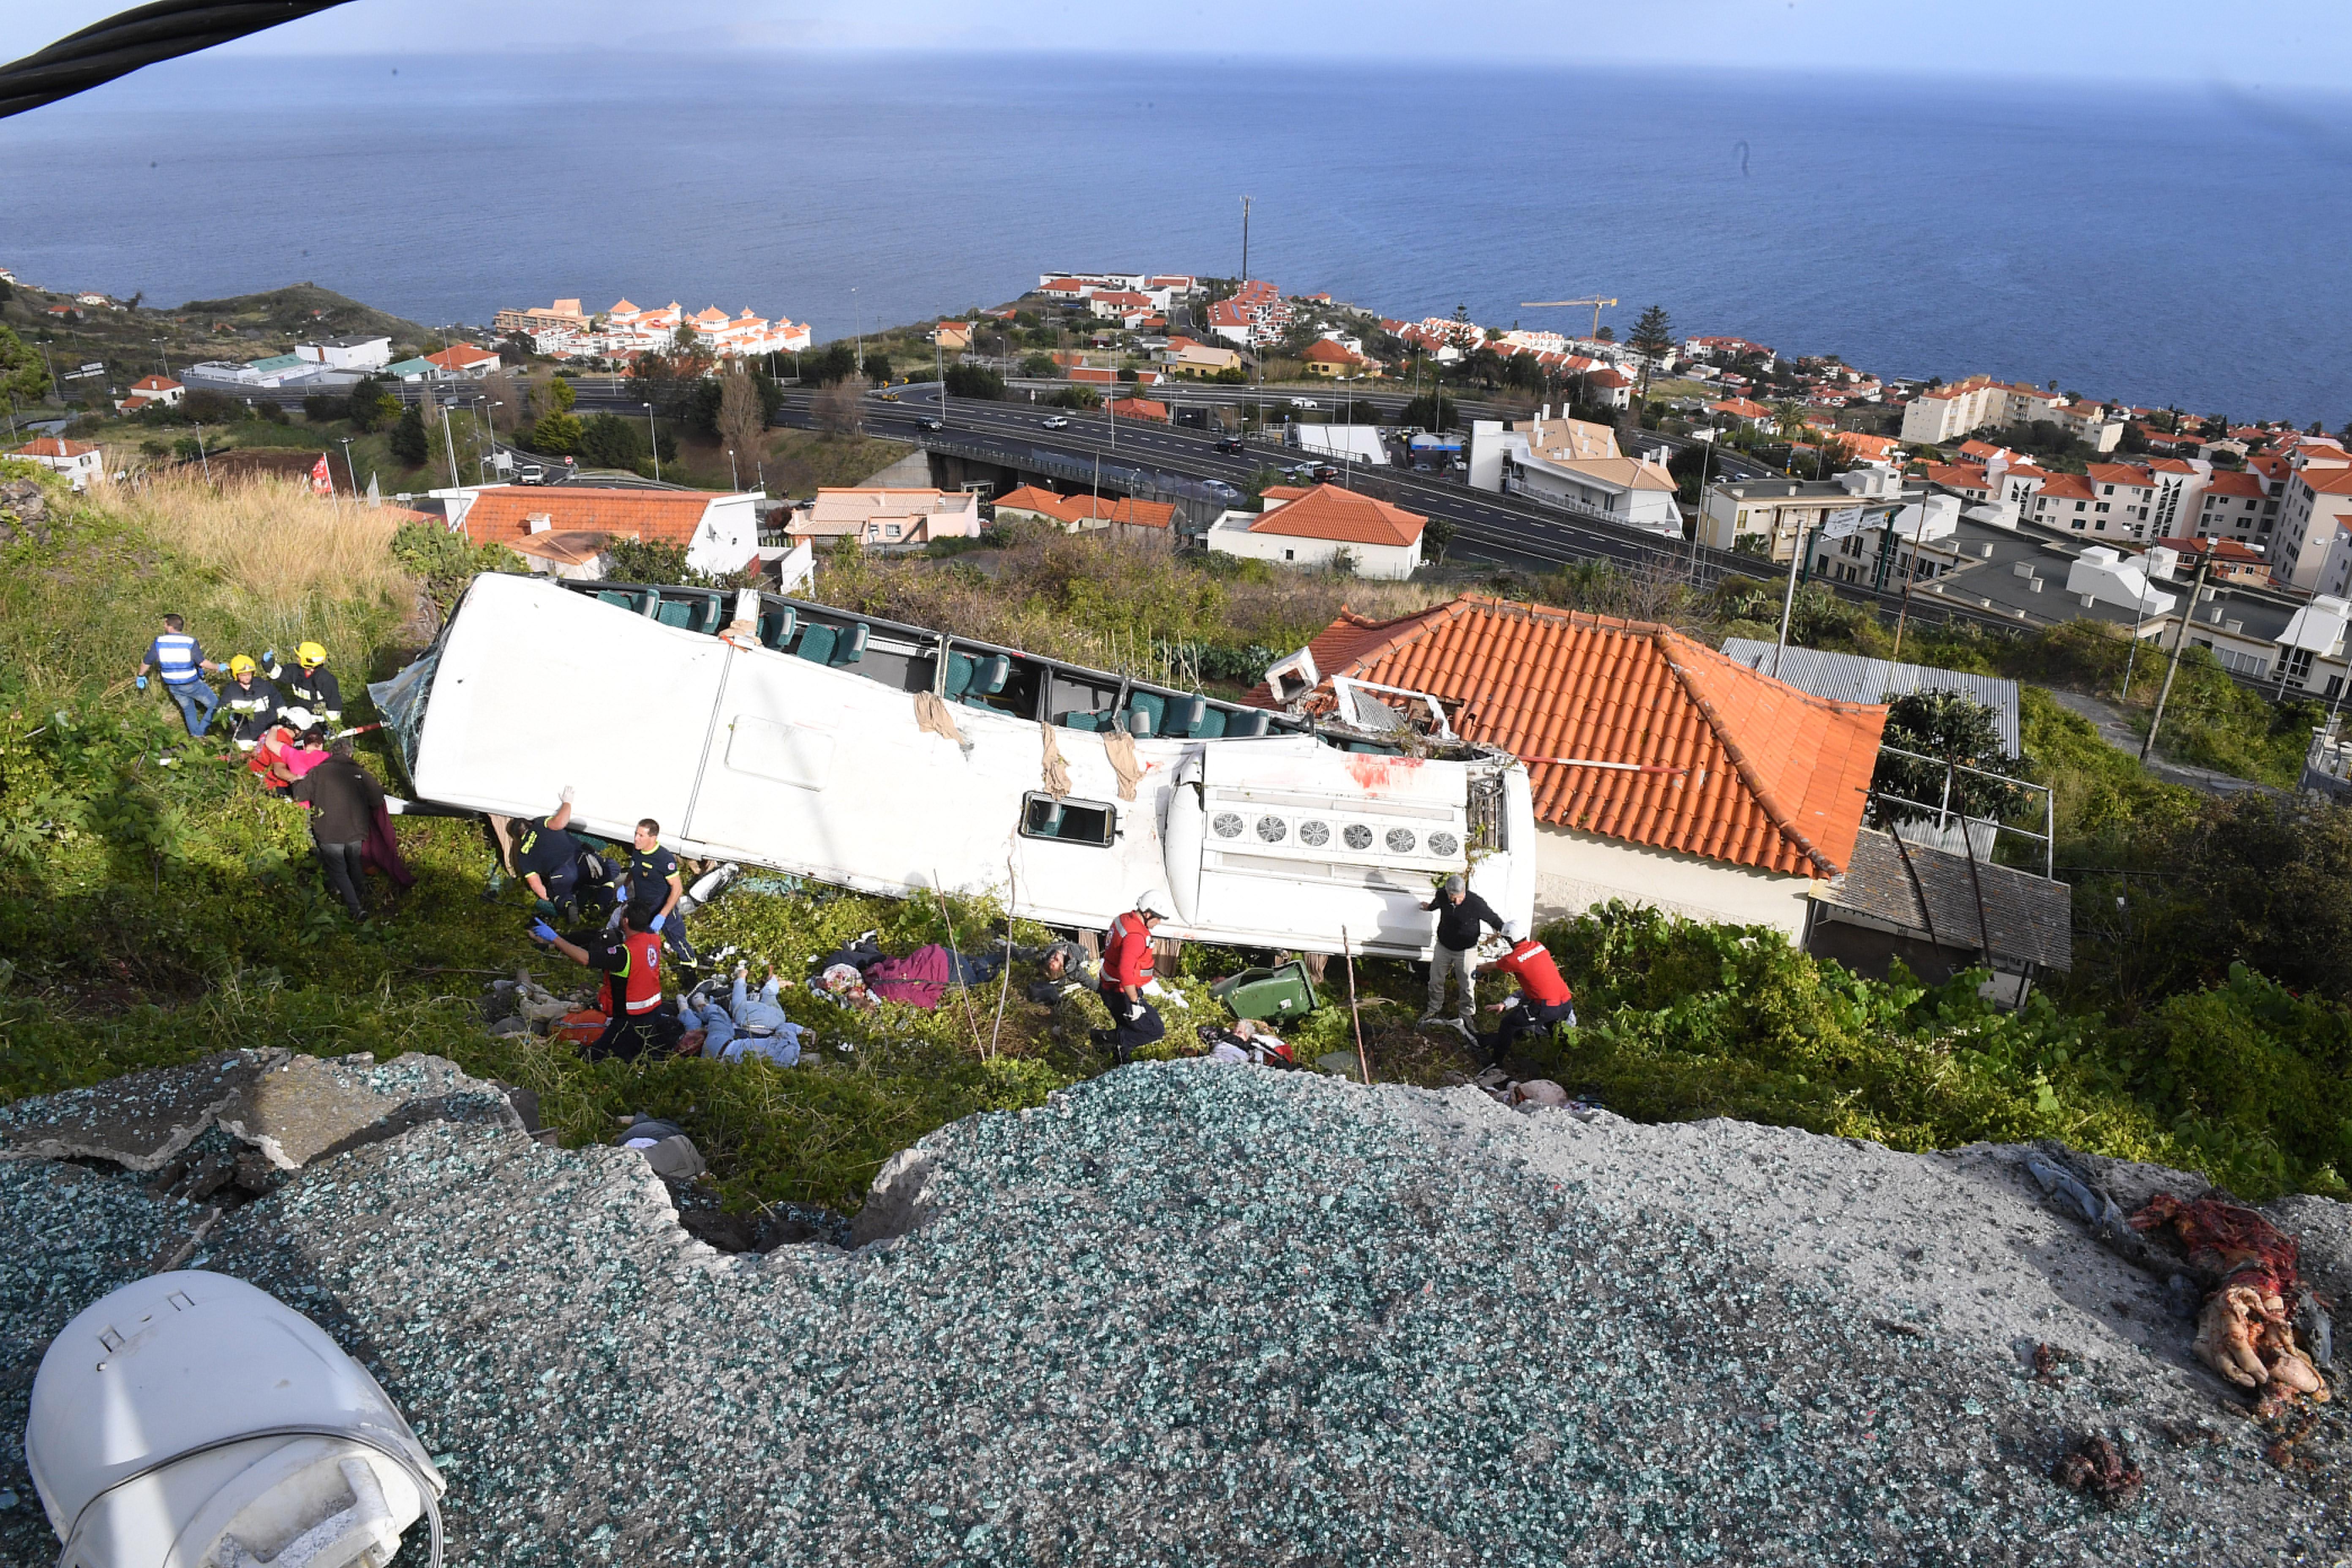 Tragédia na Madeira: Vítimas têm entre 40 e 60 anos